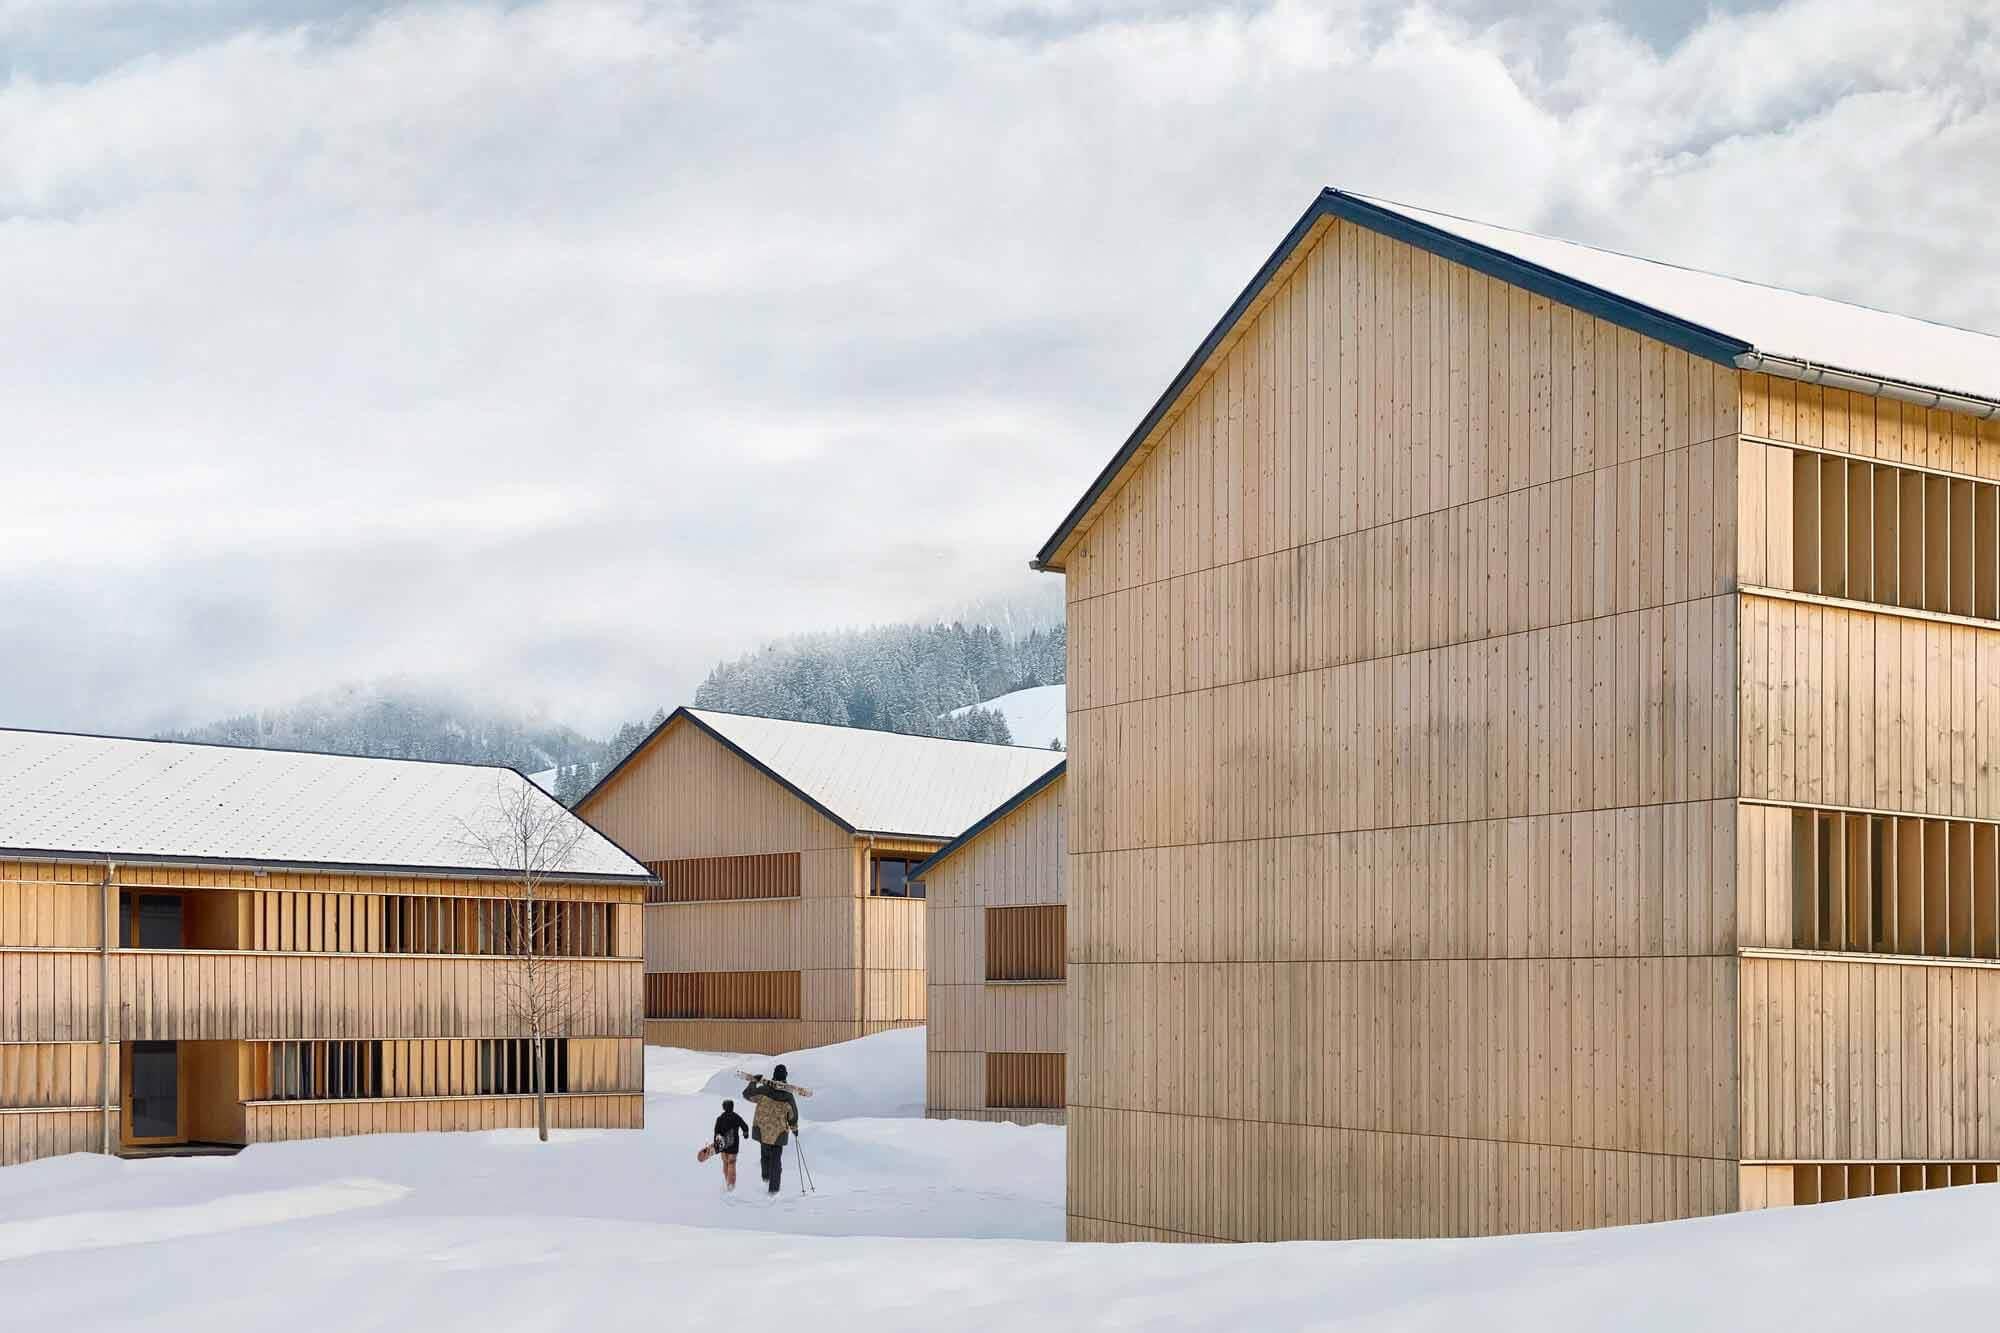 Fuchsegg Lodge Hotel / Ludescher + Lutz Architekten